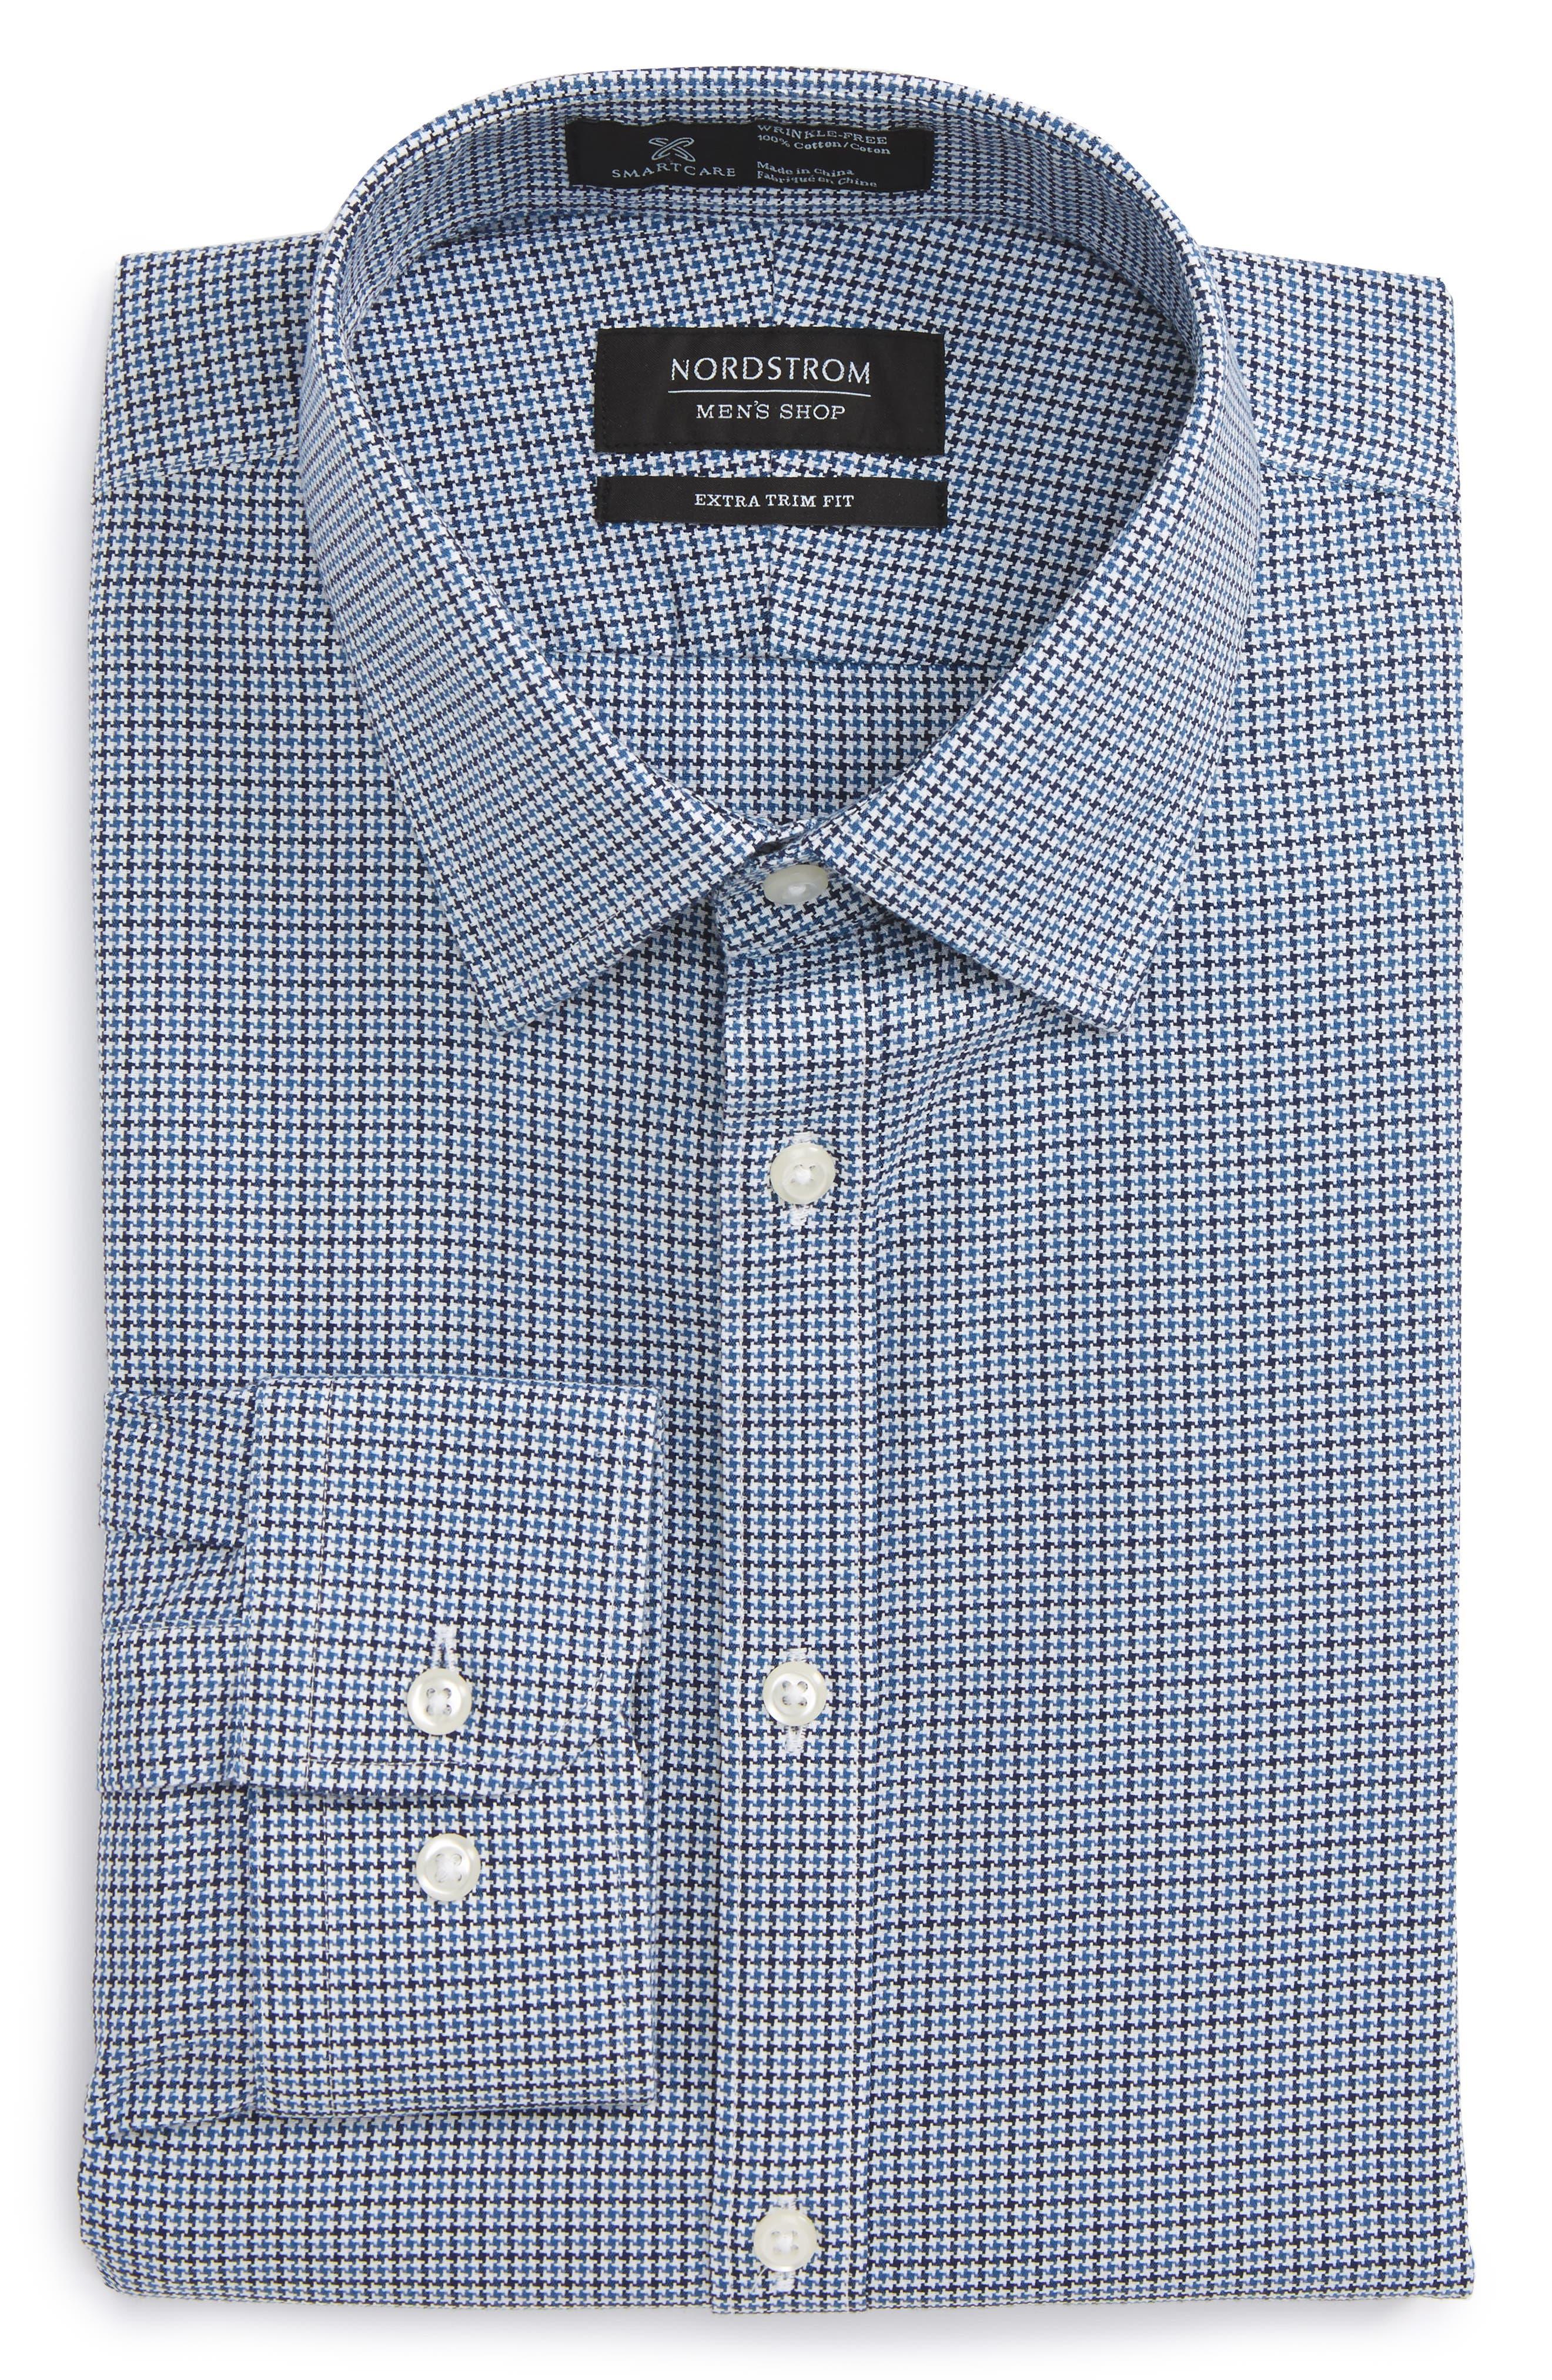 Nordstrom Men's Shop Smartcare™ Extra Trim Fit Houndstooth Dress Shirt